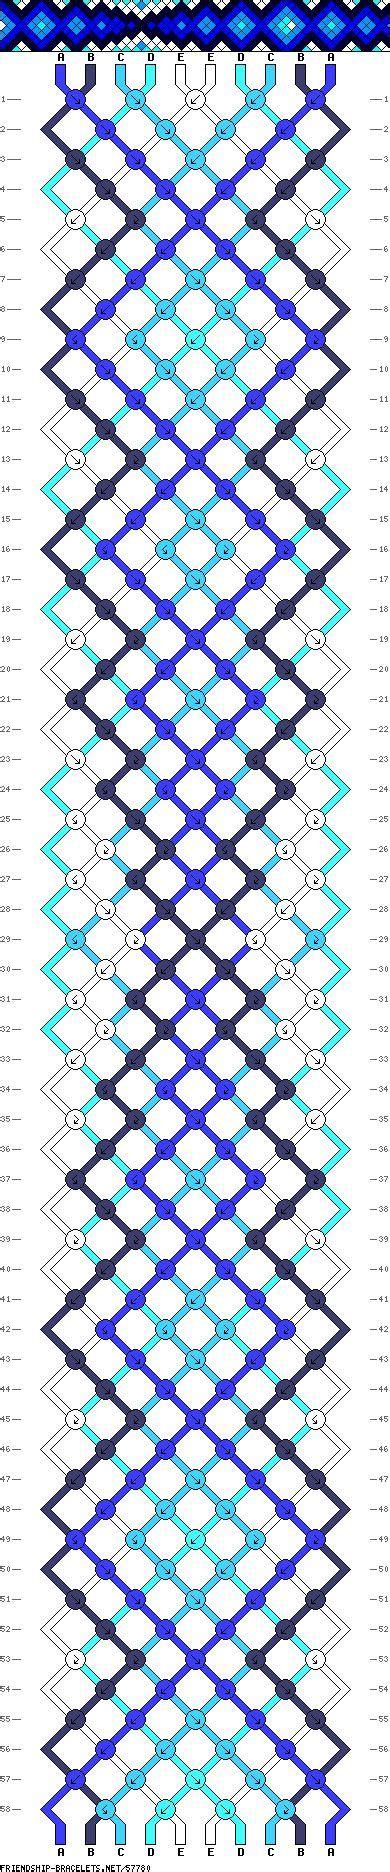 simple pattern pinterest easy pattern 10 friendship bracelets pinterest